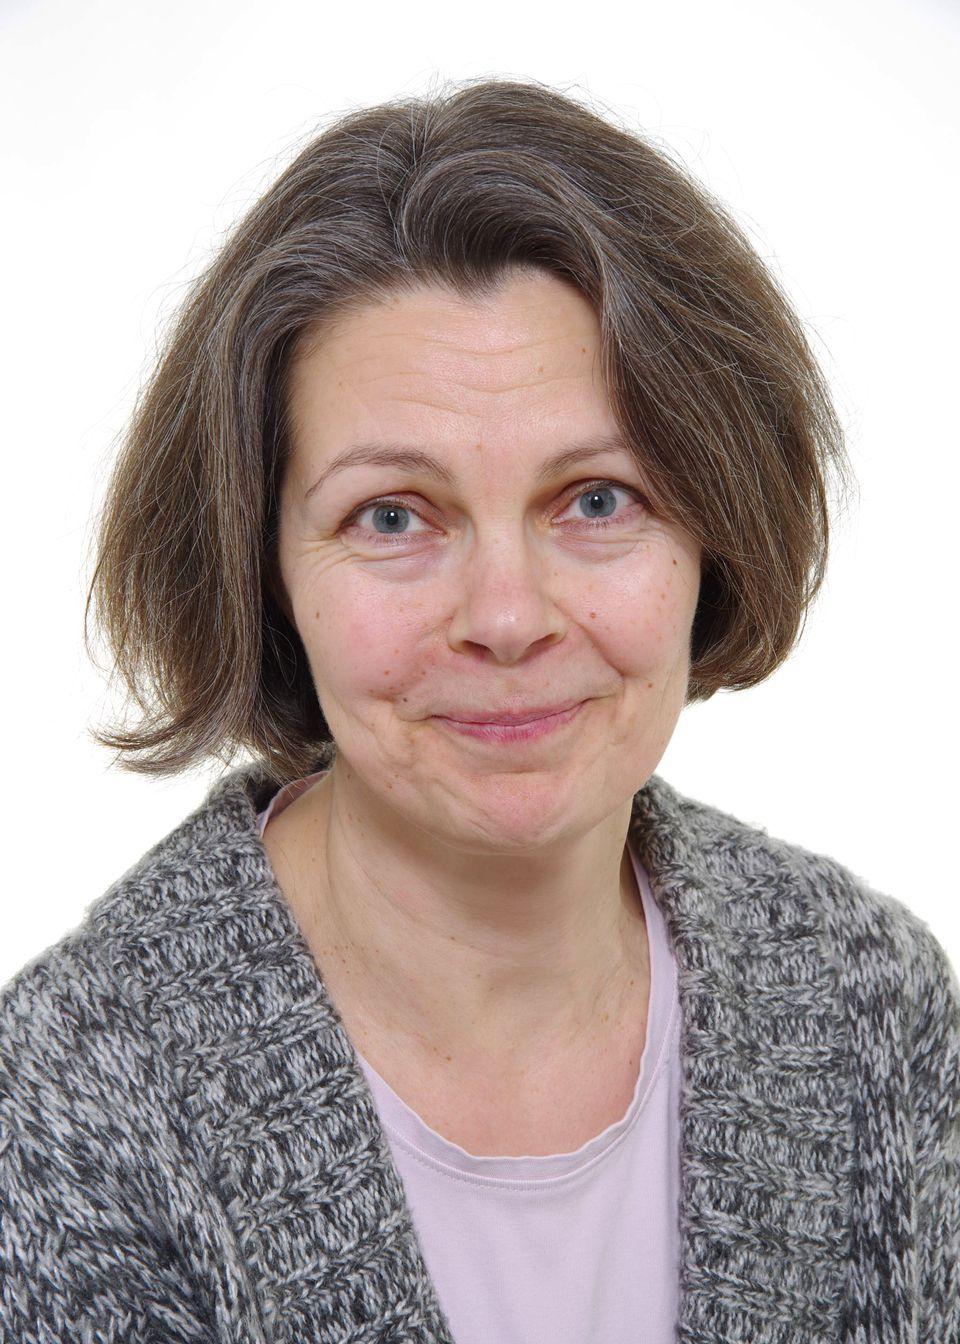 Sarah Laukkanen